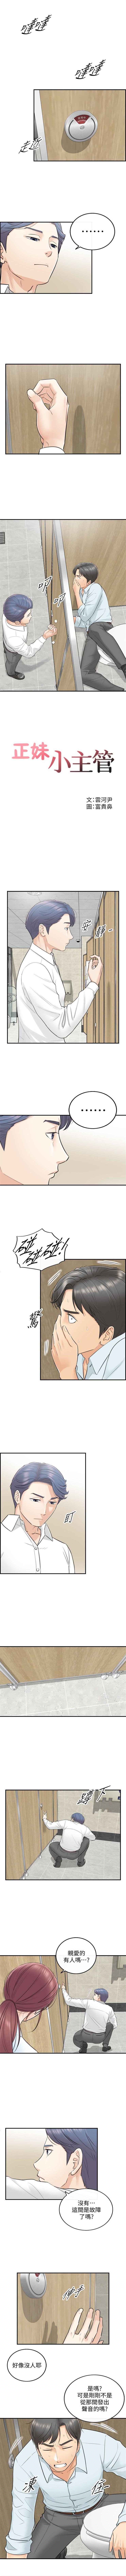 (周5)正妹小主管 1-26 中文翻译(更新中) 23